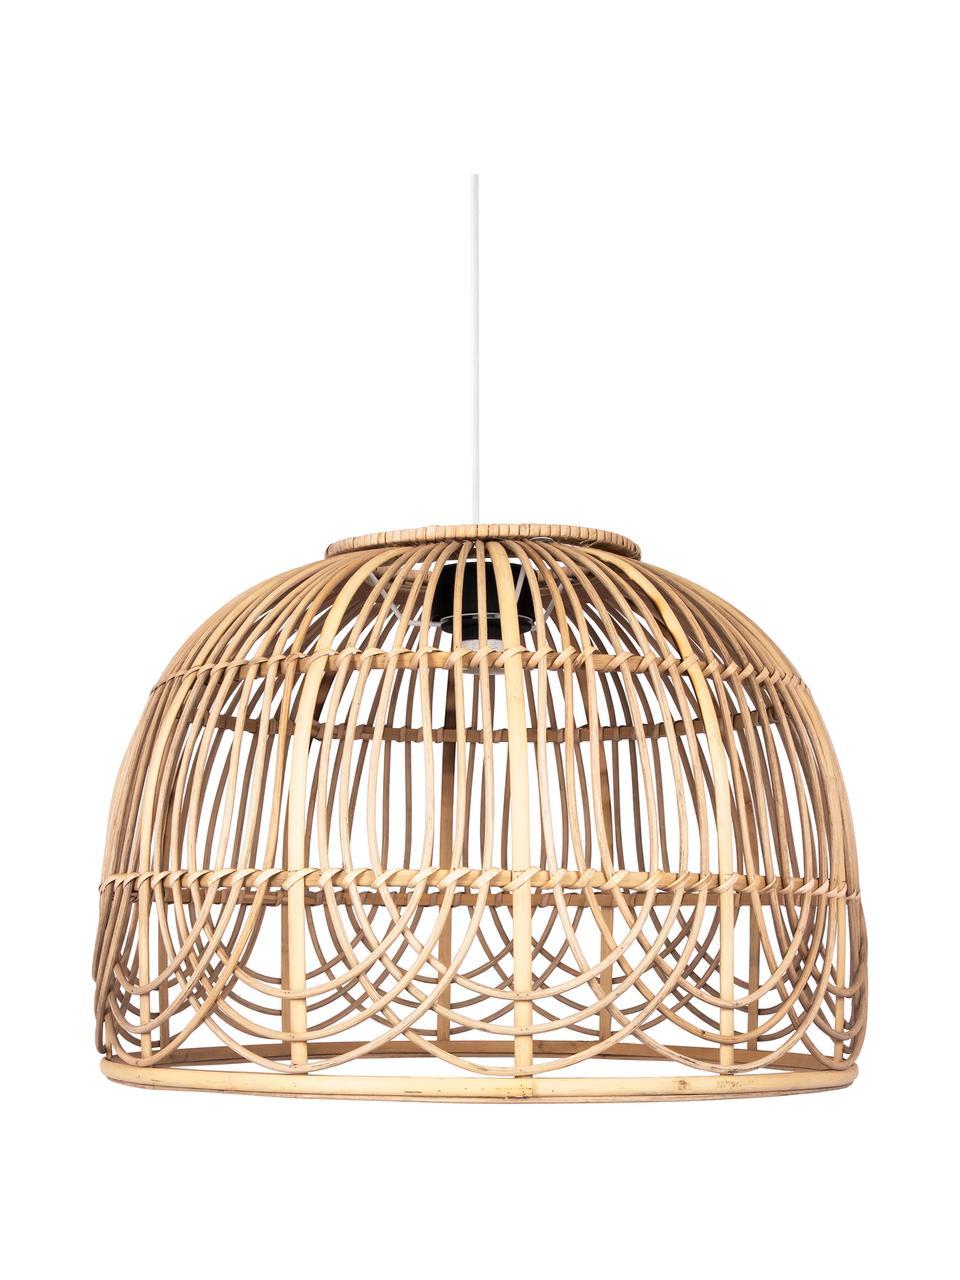 Hanglamp Bahama van rotan, Lampenkap: rotan, Baldakijn: gecoat metaal, Rotan, Ø 35 x H 24 cm